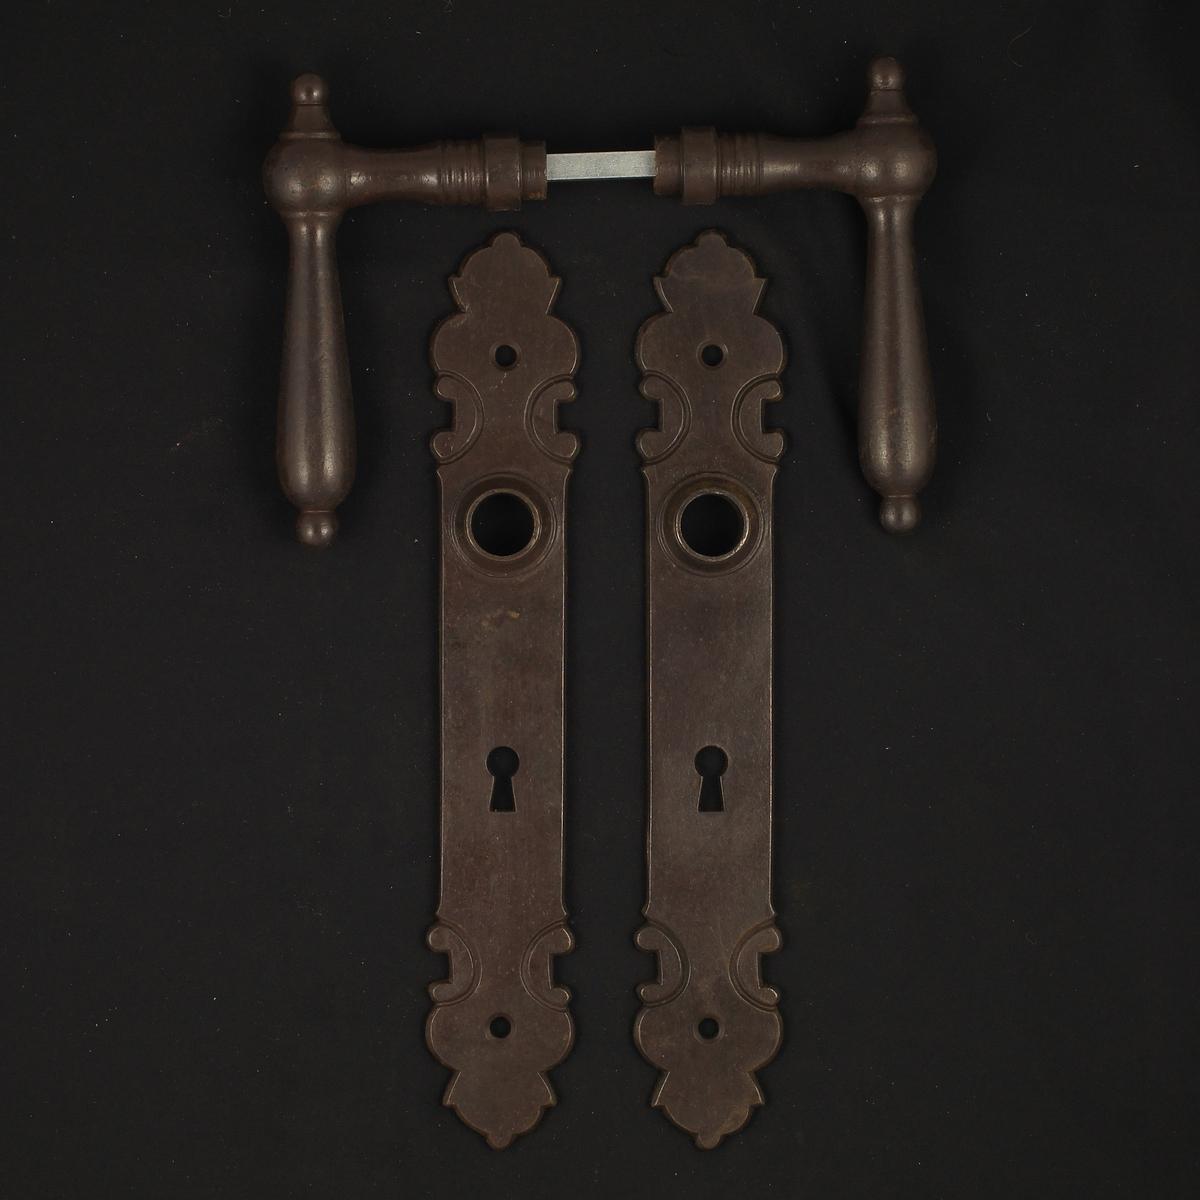 322.0025.60  Zimmertür Langschildgarnitur - antike Türdrücker, Türklinken, Türbeschläge